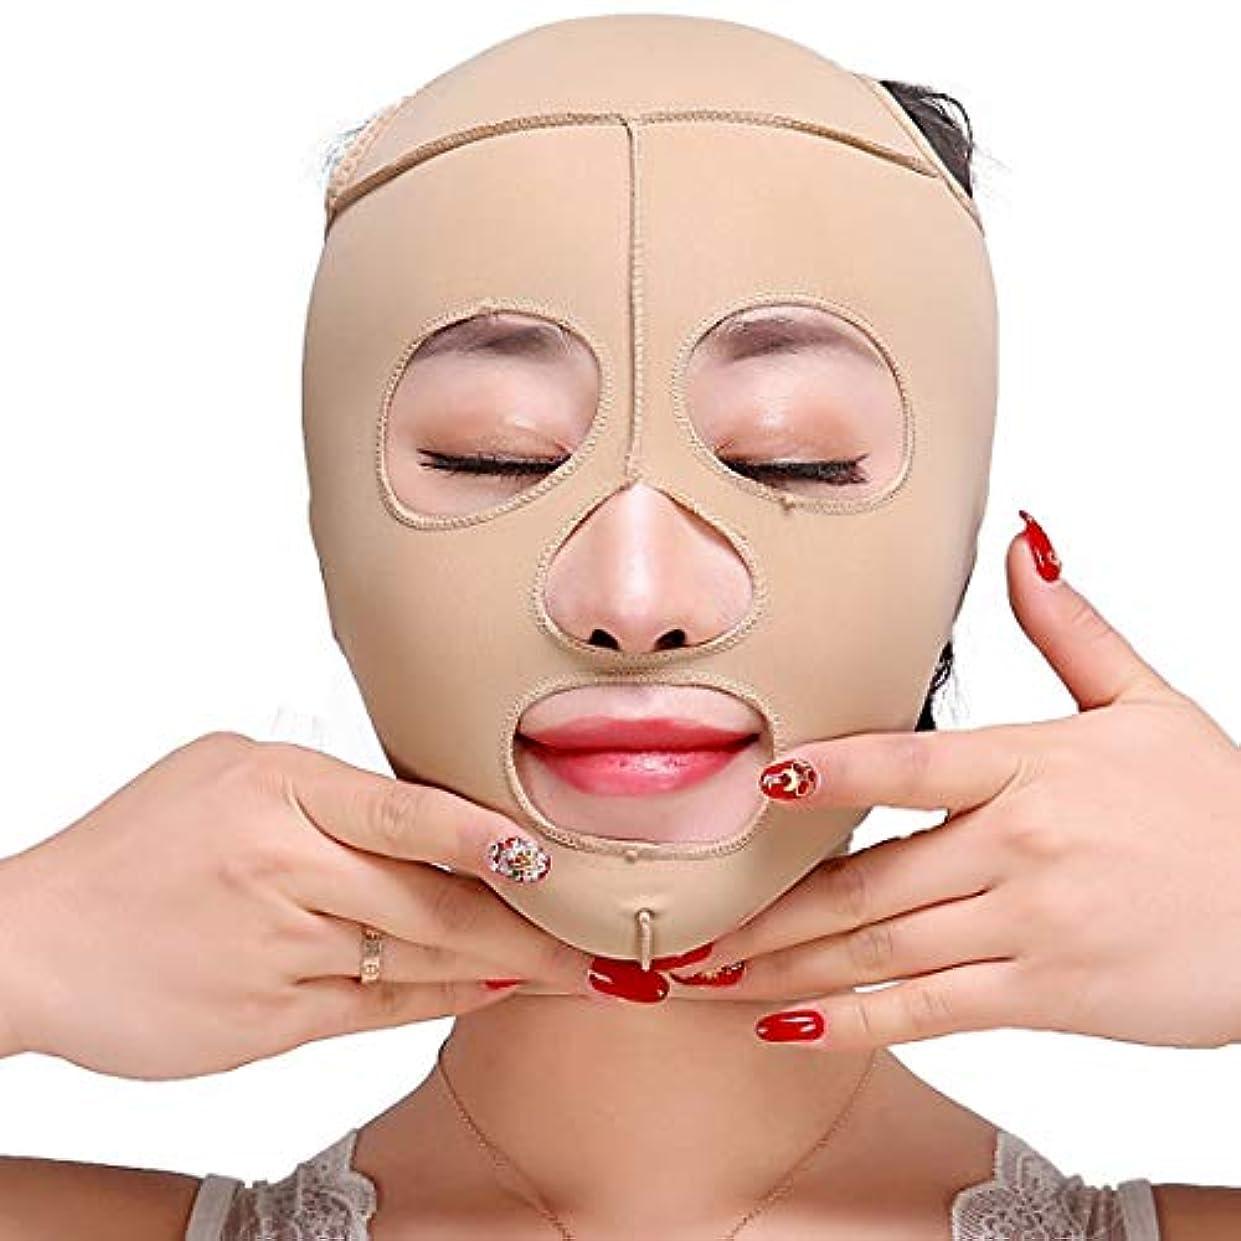 血まみれのスリップシューズ火山学者ZWBD フェイスマスク, フェイスリフティング包帯Vフェイスリフティングと締め付けフェイスリフティングマスクラインカービングヘッドカバー術後回復顔整形包帯